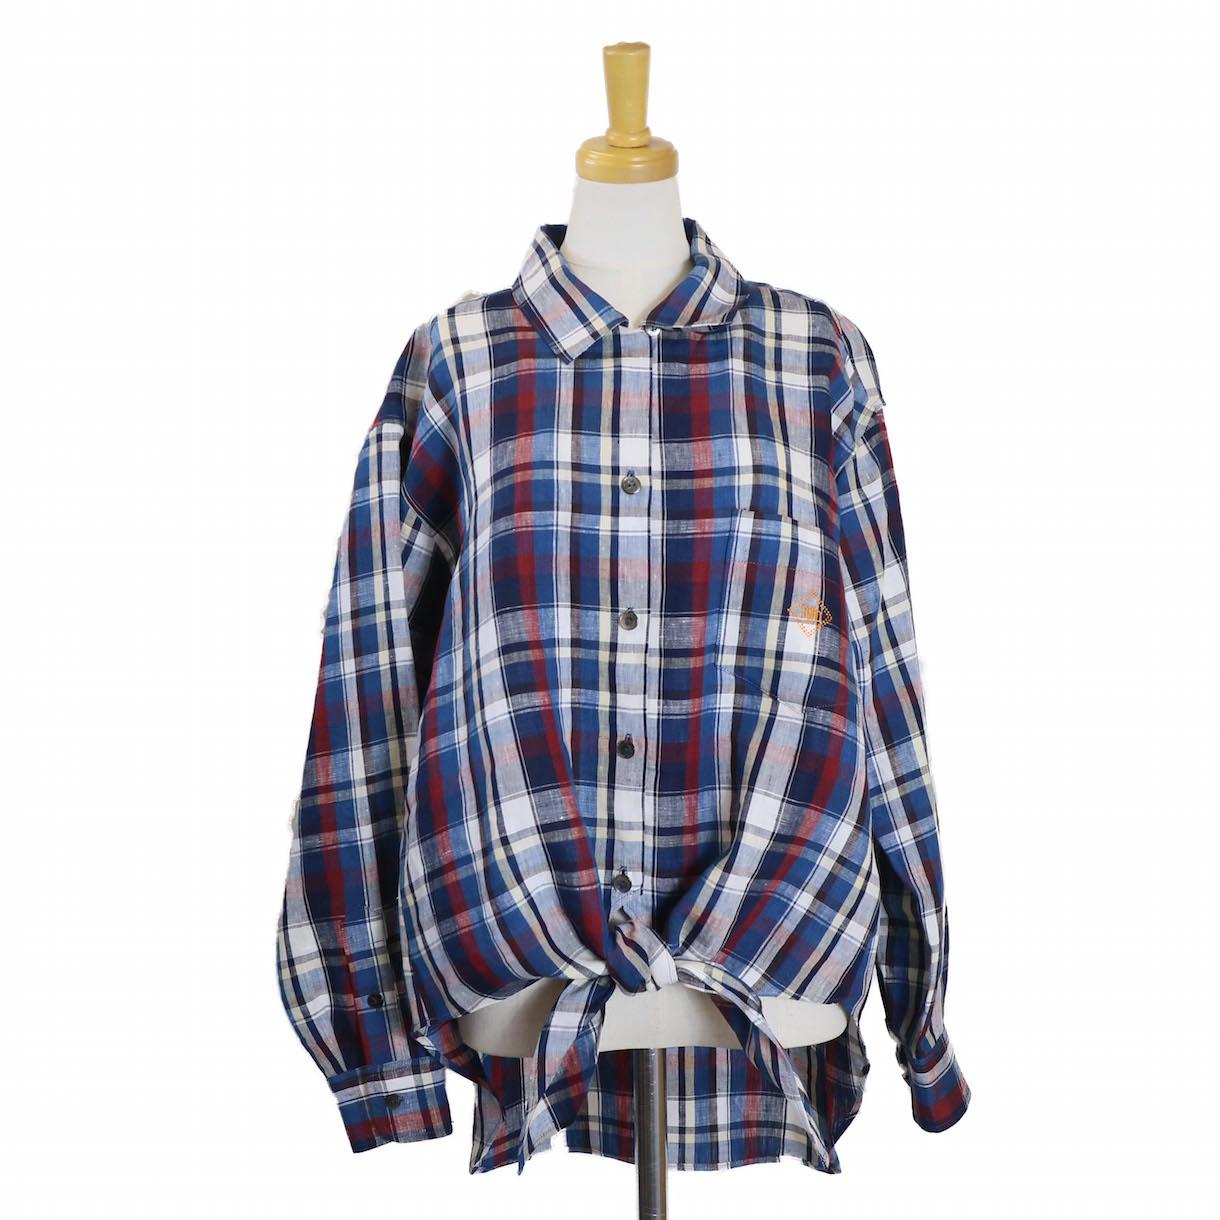 BLUEBIRD BOULEVARD / マドラスチェックオープンカラーシャツ-BLUE